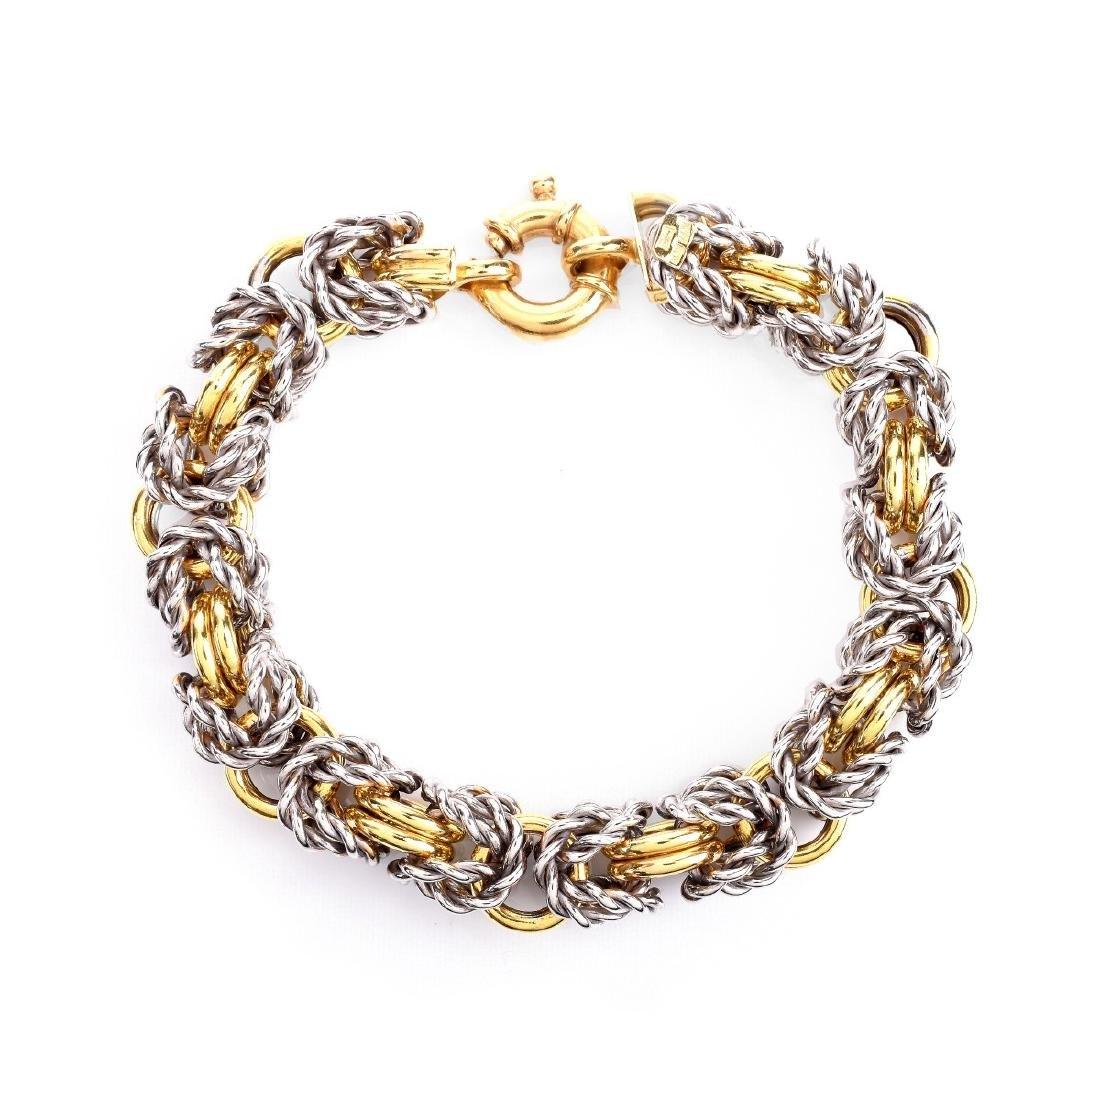 Italian 18K Gold Link Bracelet - 3